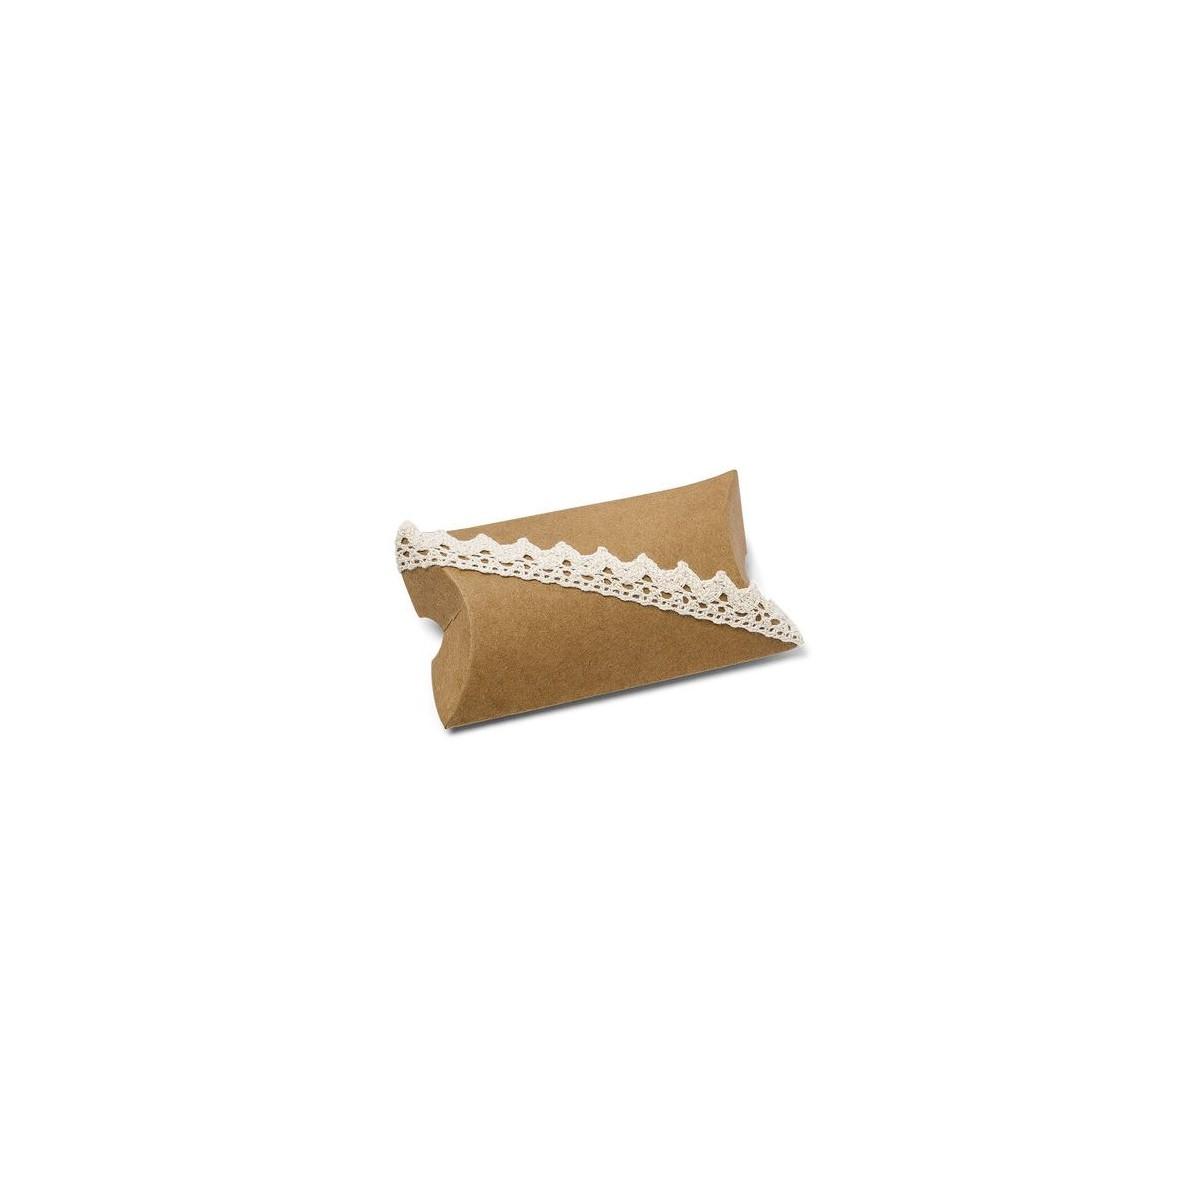 Ballotin Kraft et Dentelle x 10